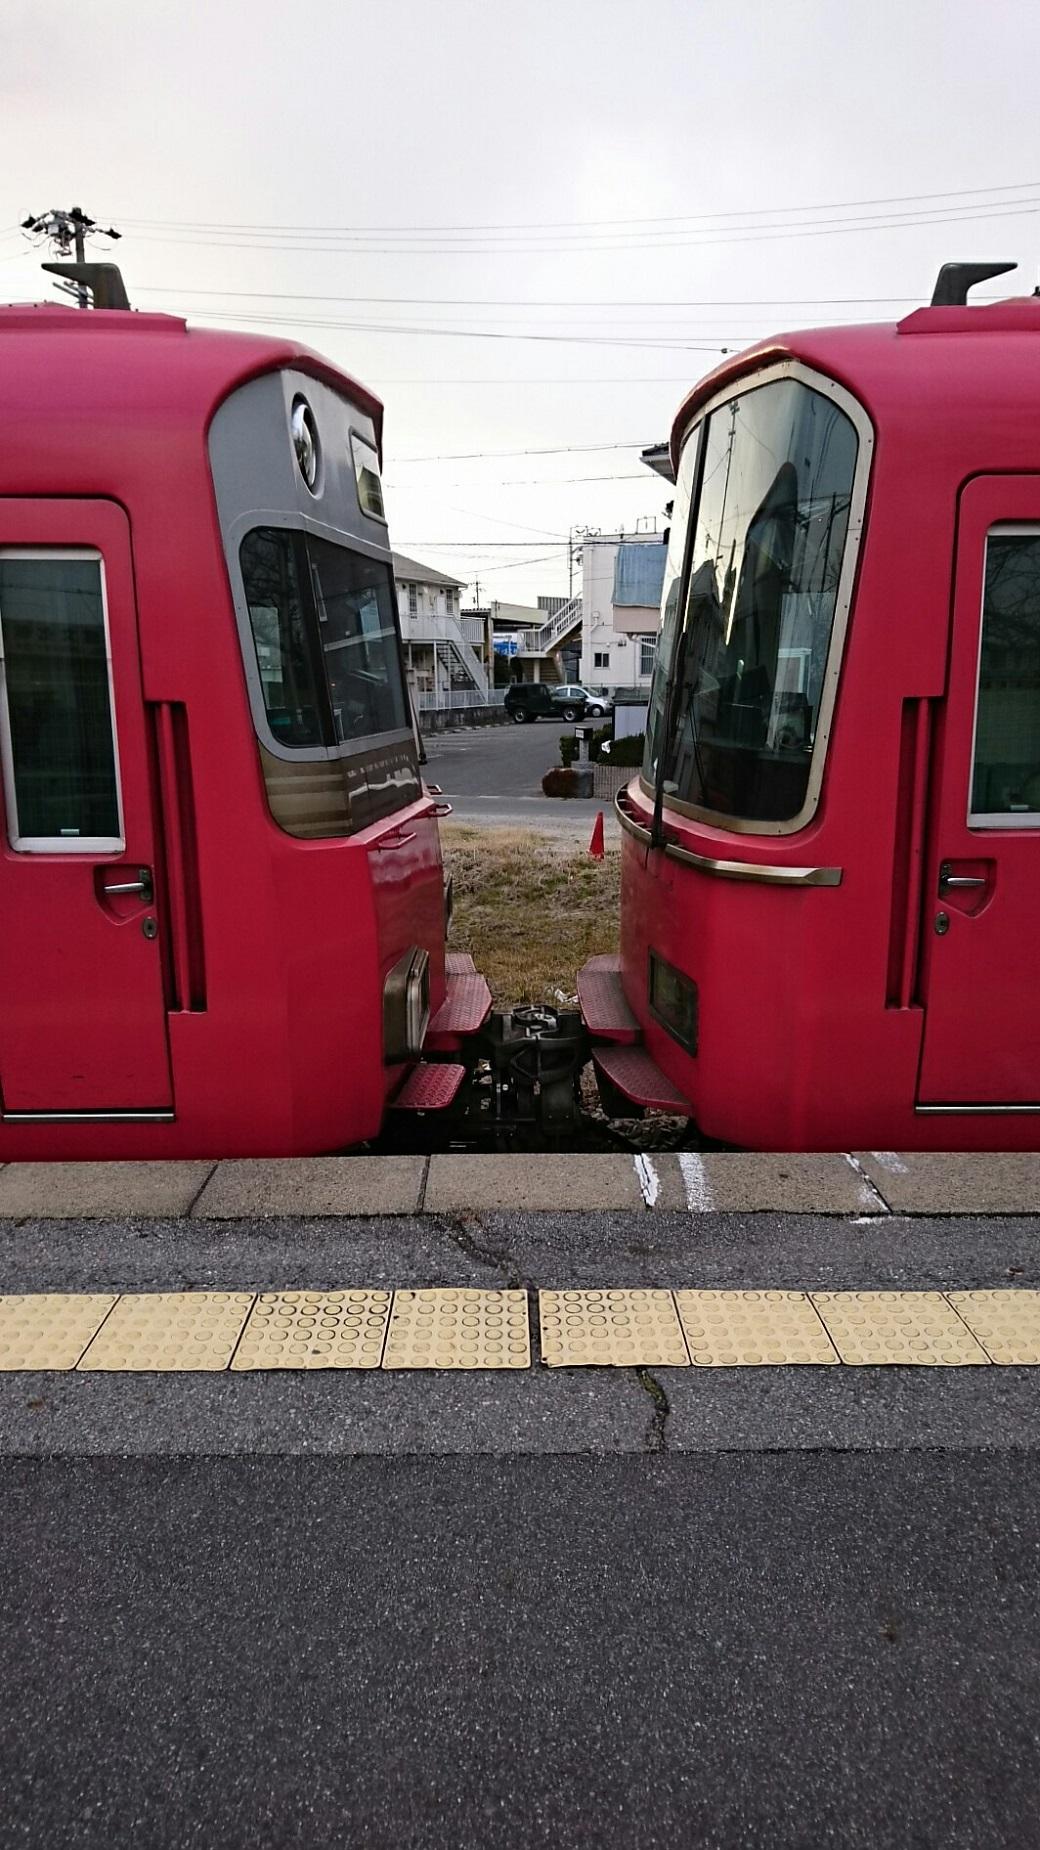 2018.2.5 三河線かえり (22) 古井 - 西尾いきふつう 1040-1850